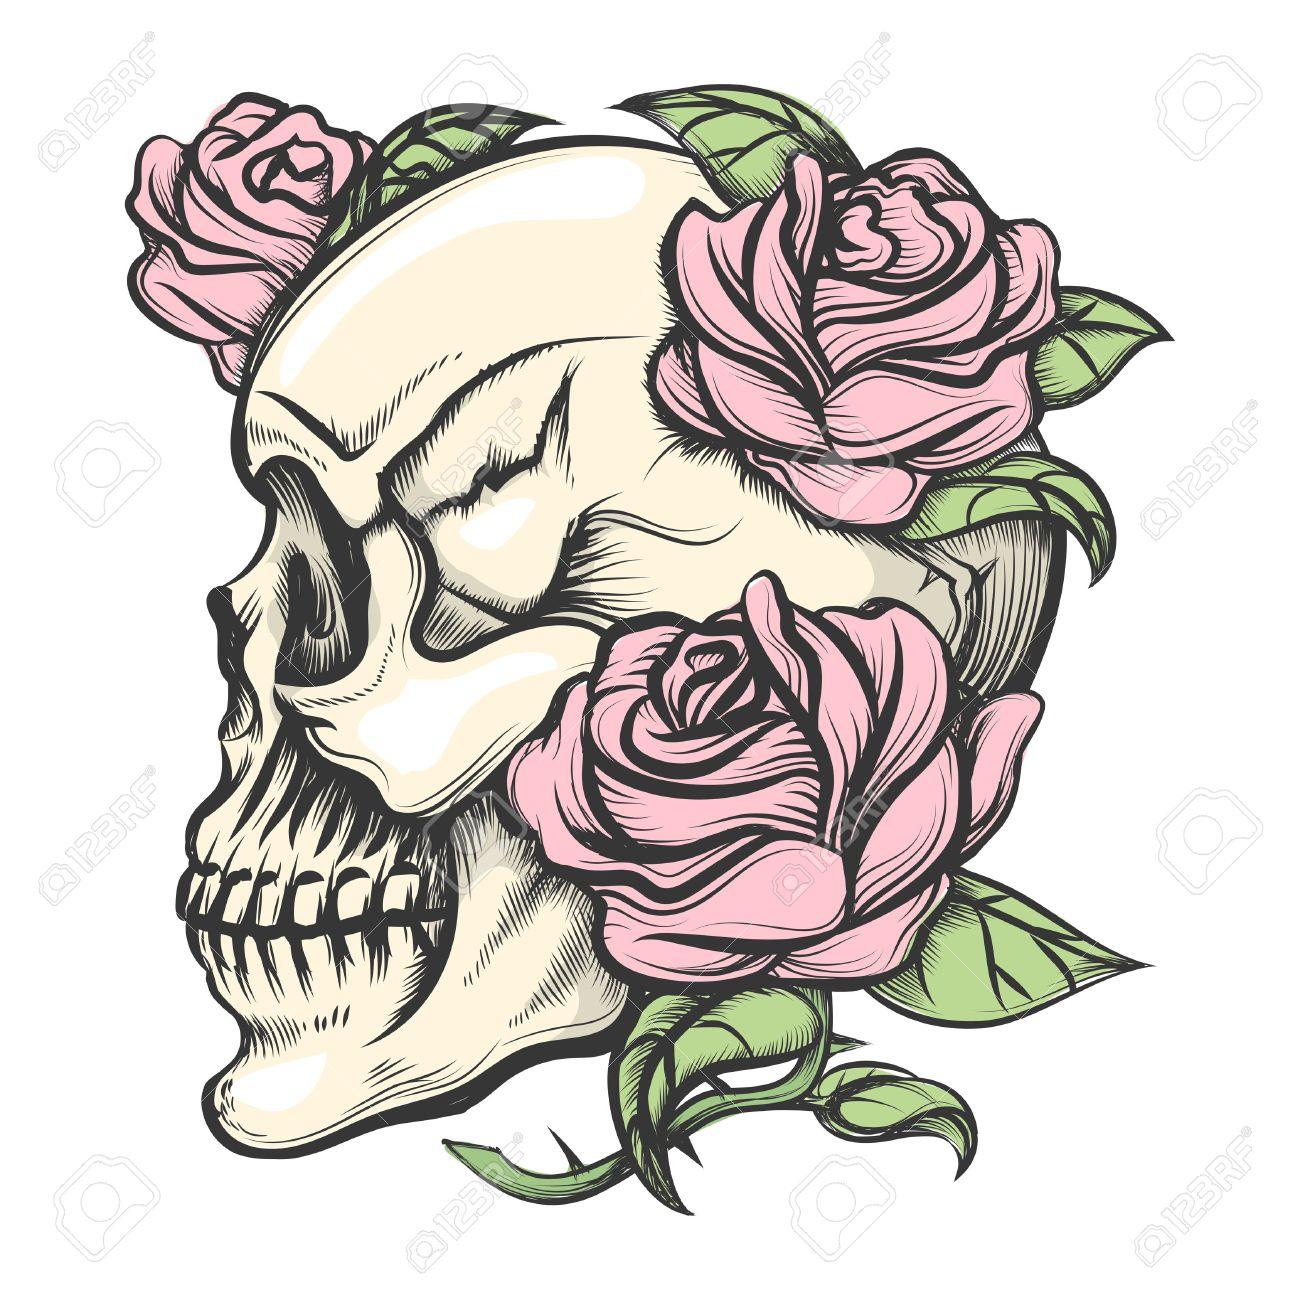 Crane Humain Avec Des Roses Dessines Dans Le Style De Tatouage